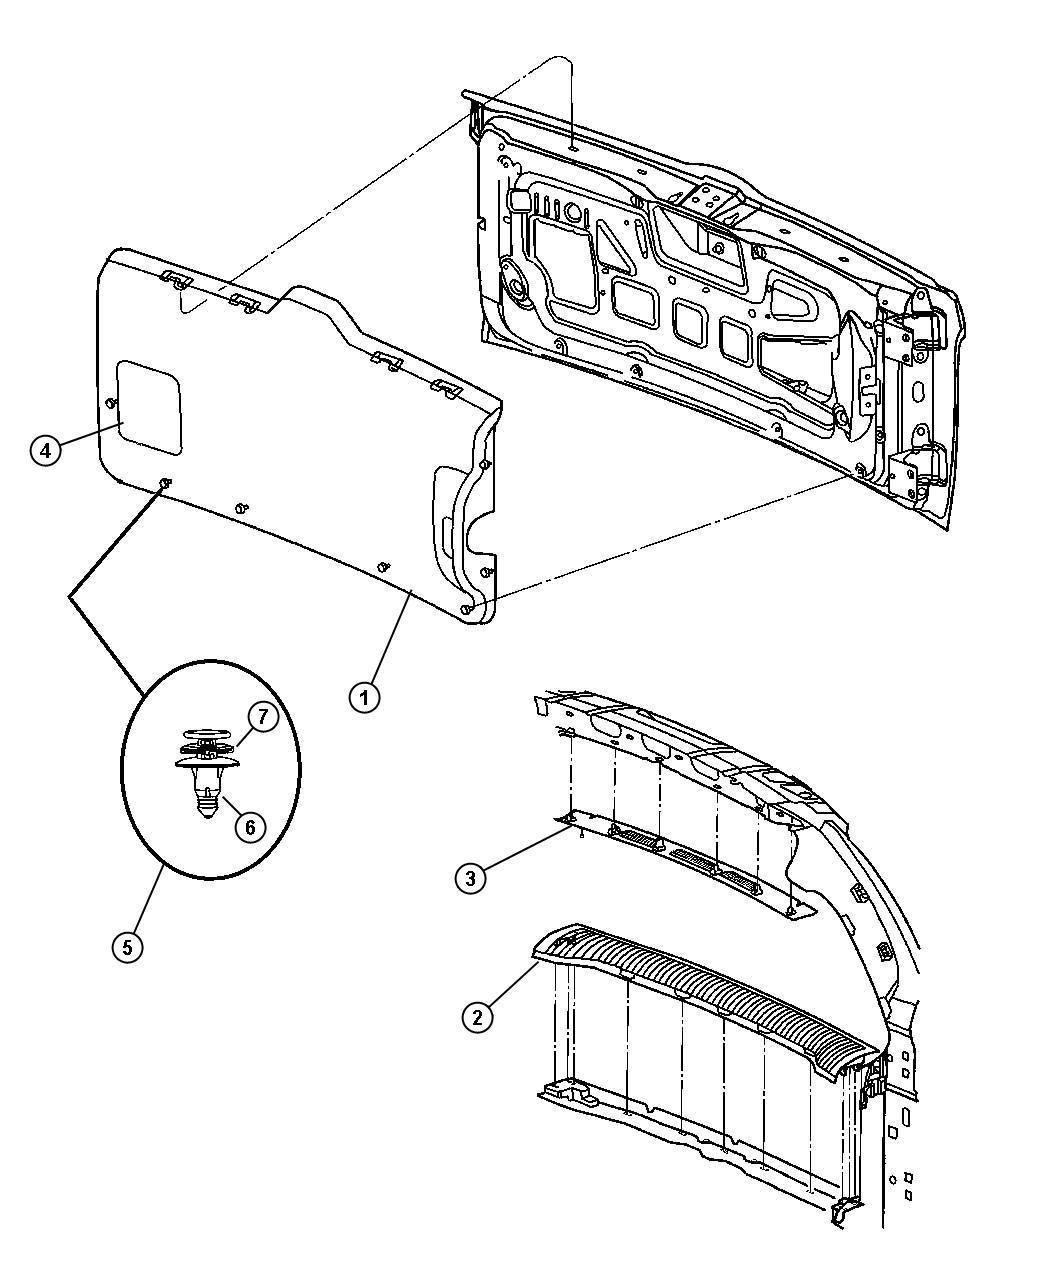 2007 Jeep Liberty Plate. Liftgate scuff. [d5, db], [d5, db